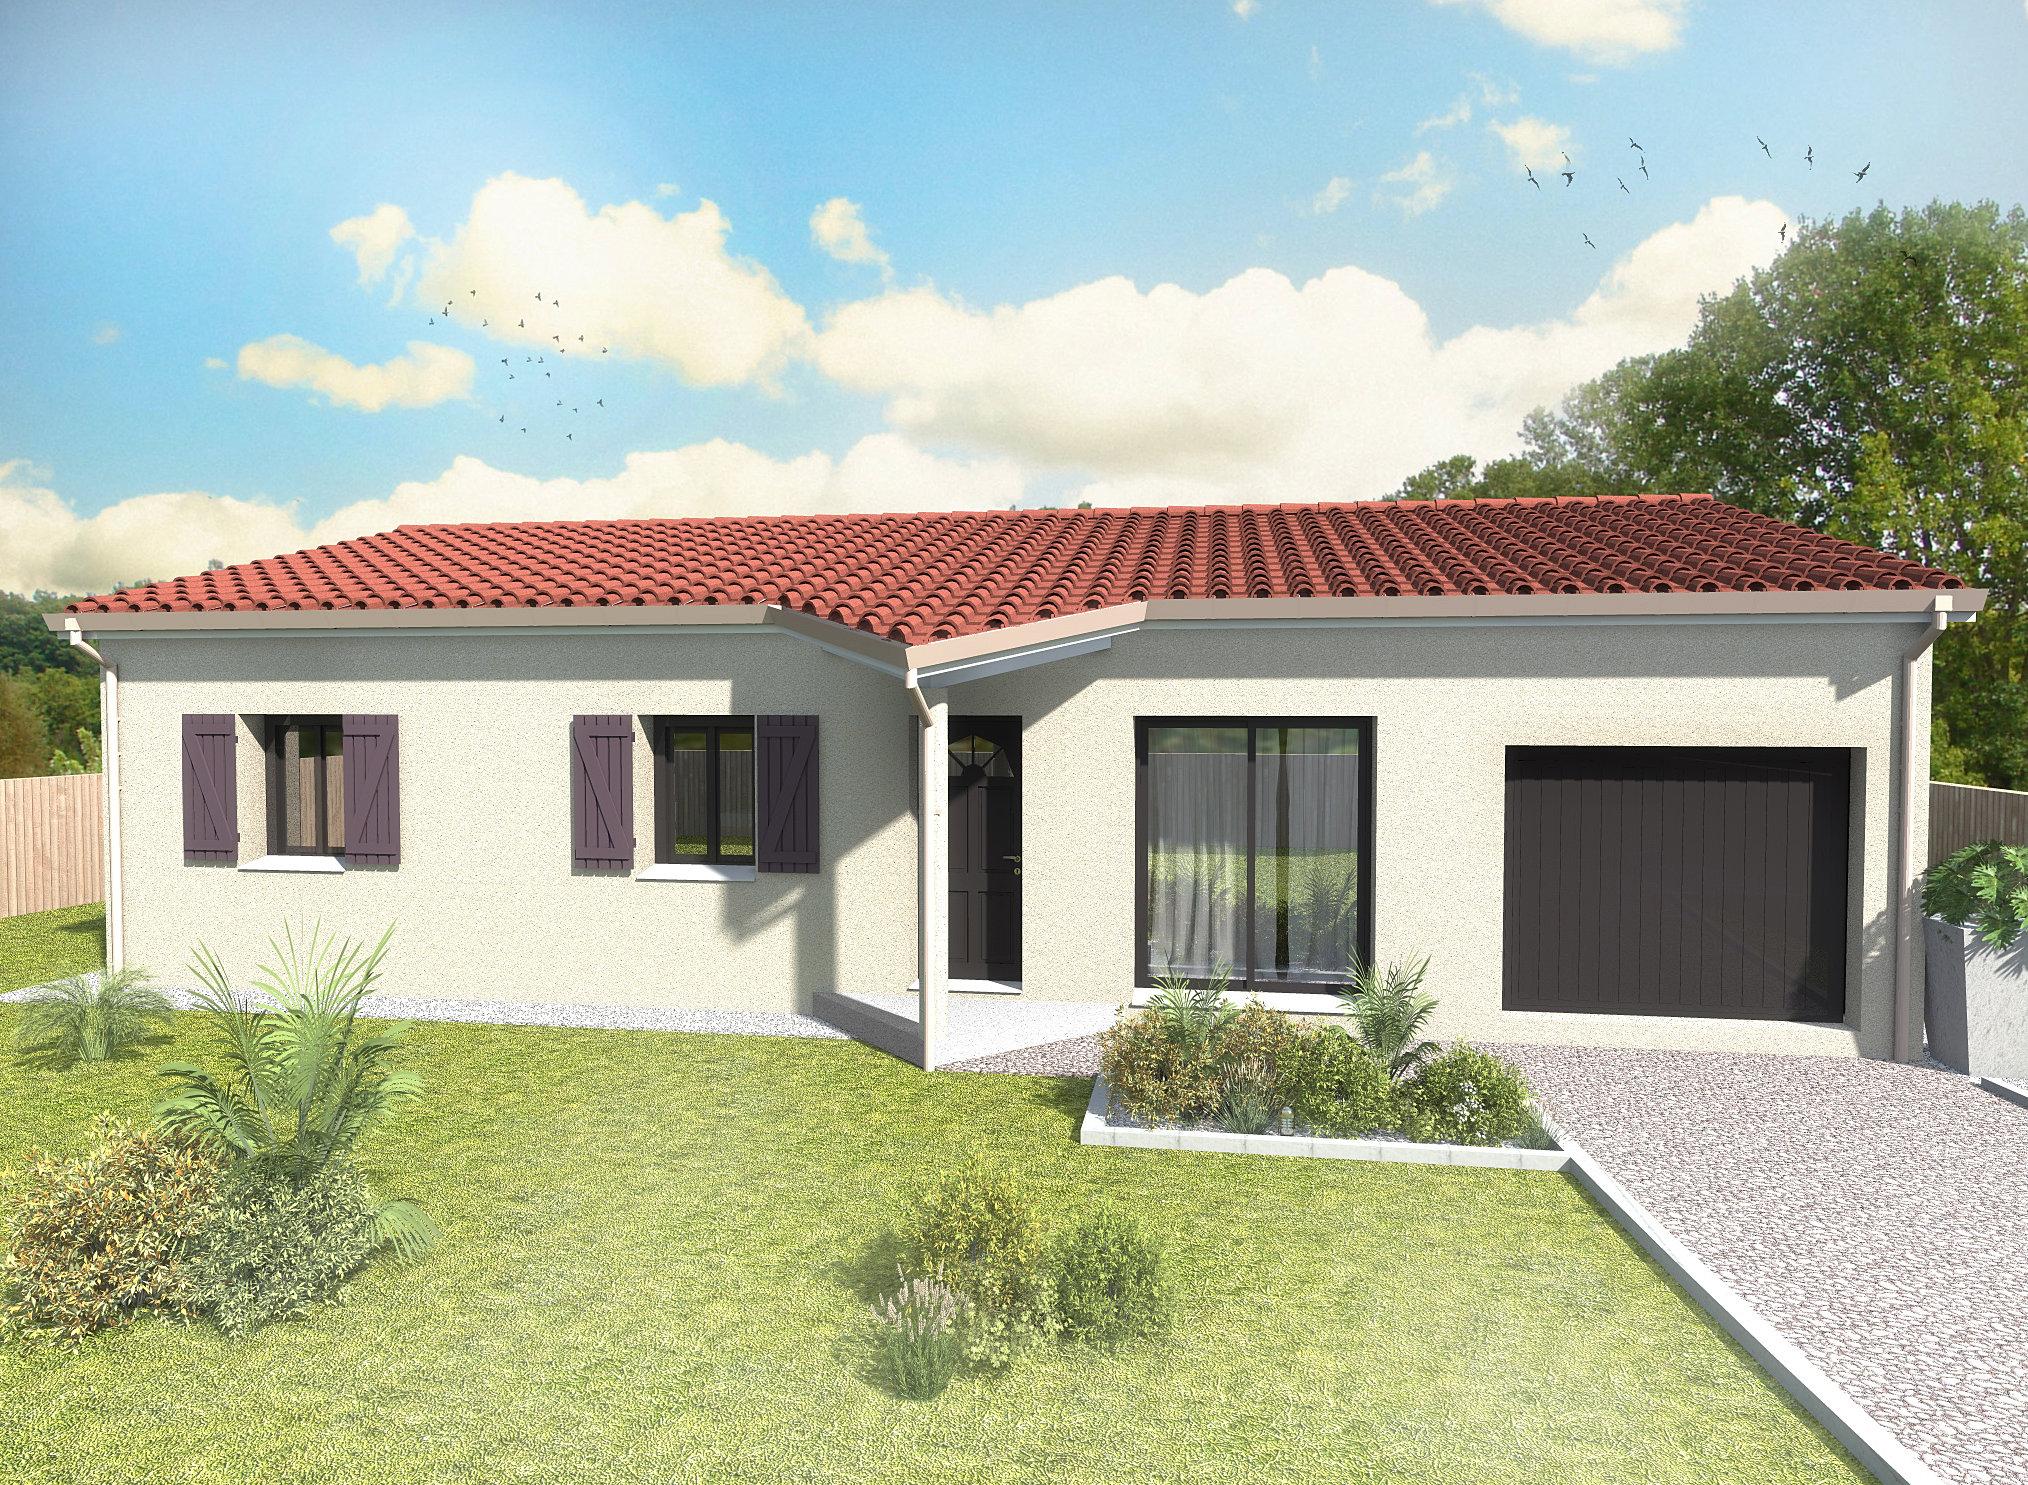 Constructeur maison individuelle agen for Constructeur de maison individuelle 60